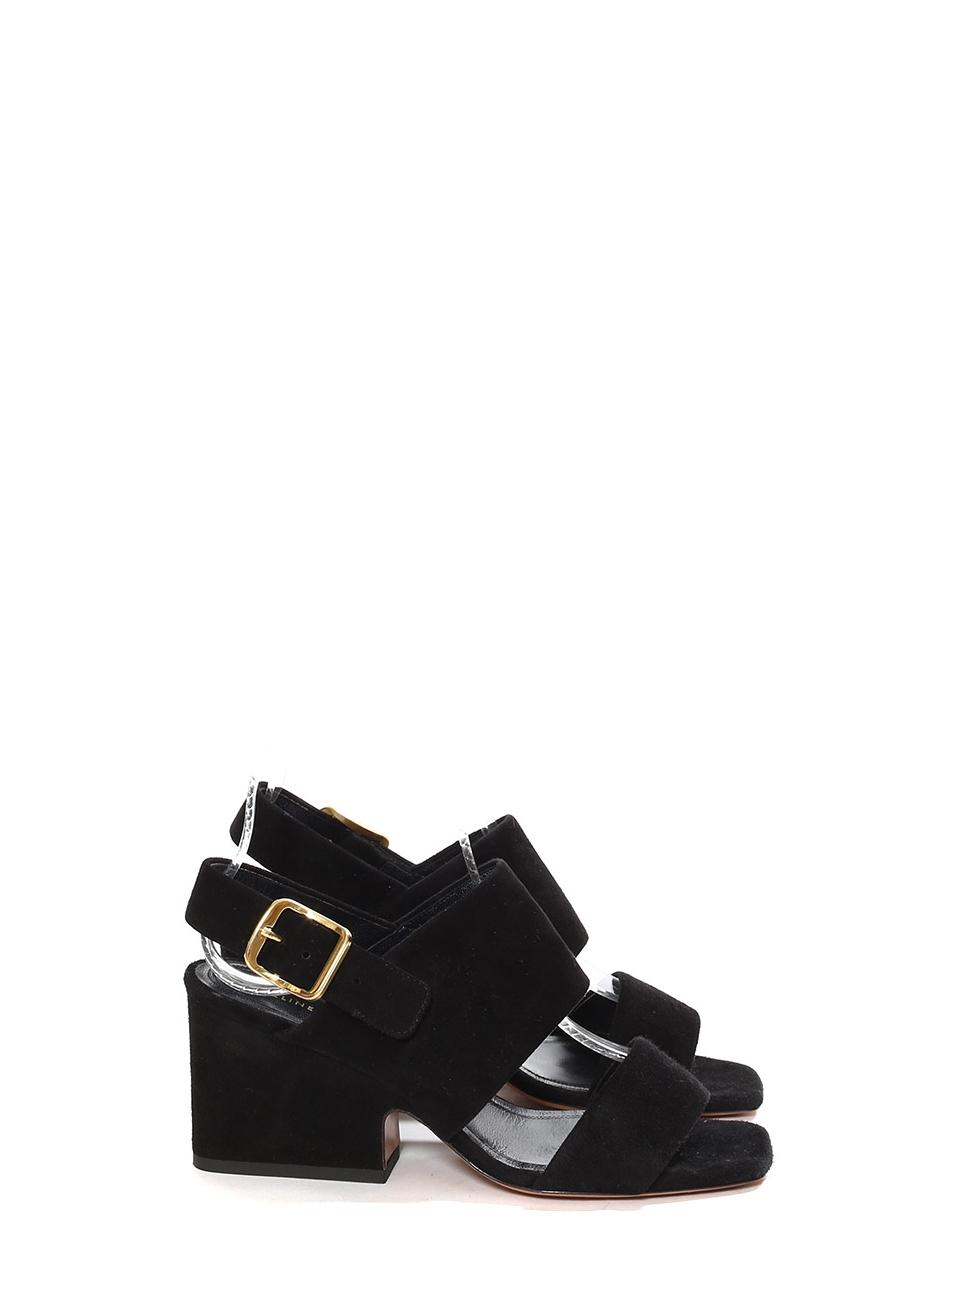 CELINE Black suede leather slingback